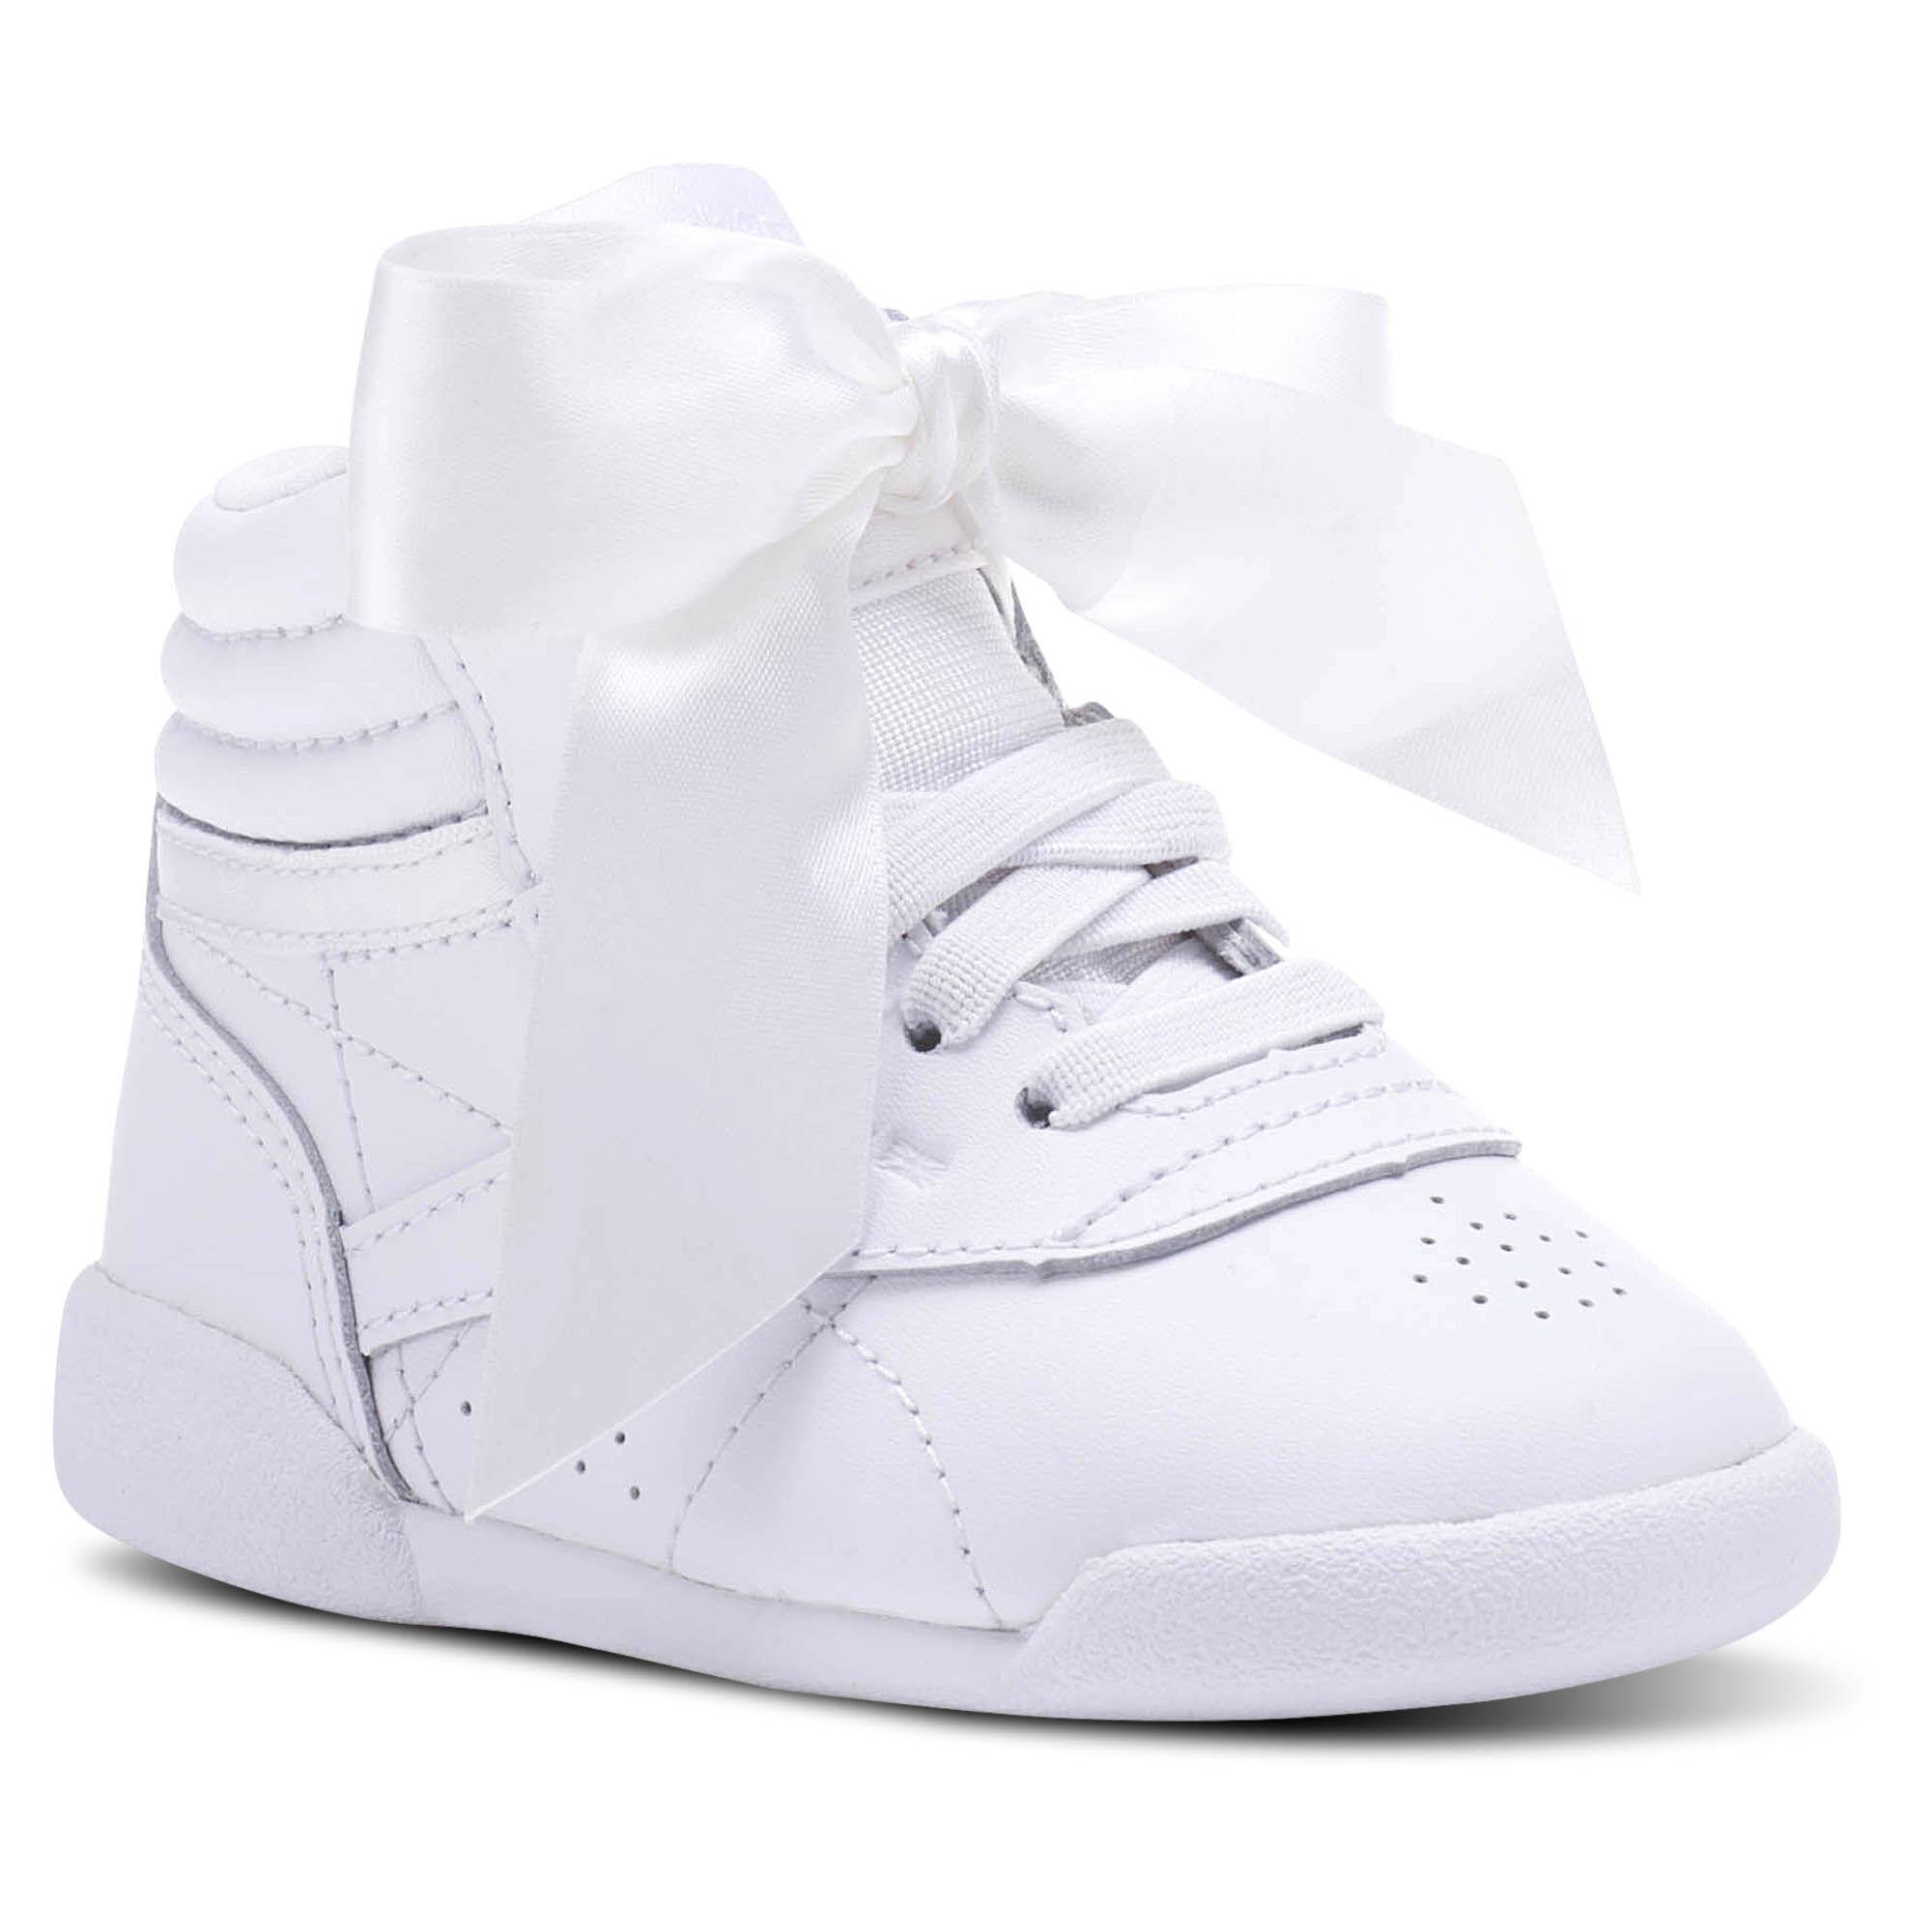 Reebok Freestyle Hi Satin W Bow White Comprar Suministro Barato 9dJcJJBPTU